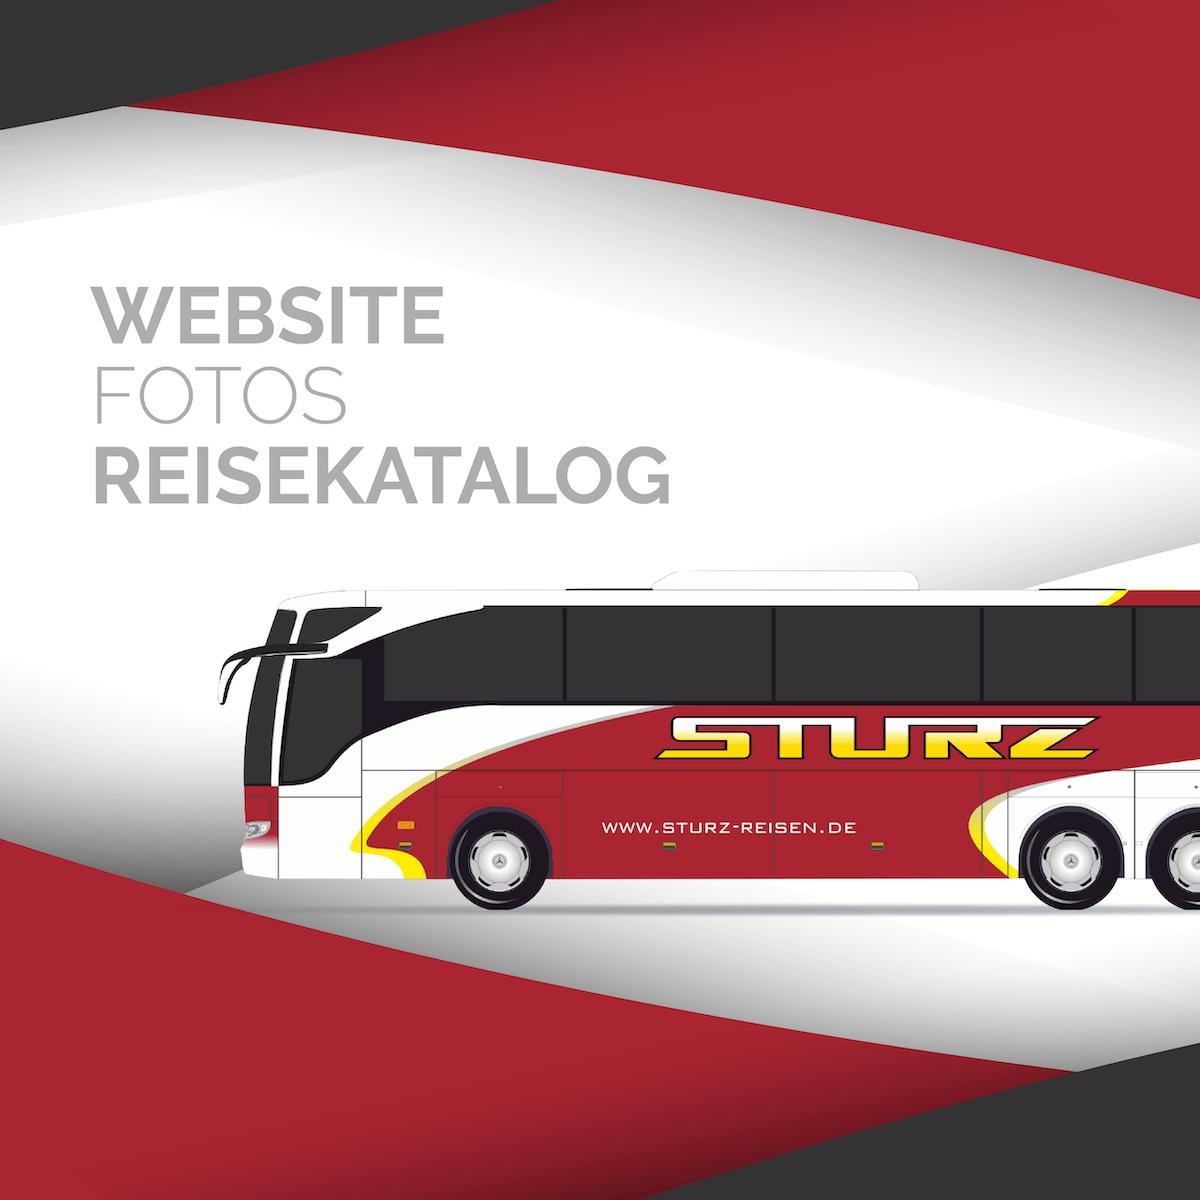 geschmacksRaum_WERBEAGENTUR_Neue_Website_Fotoshooting_und_Broschuere_fuer_das_Busunternehmen_STURZ_aus_St_Wolfgang_B-t